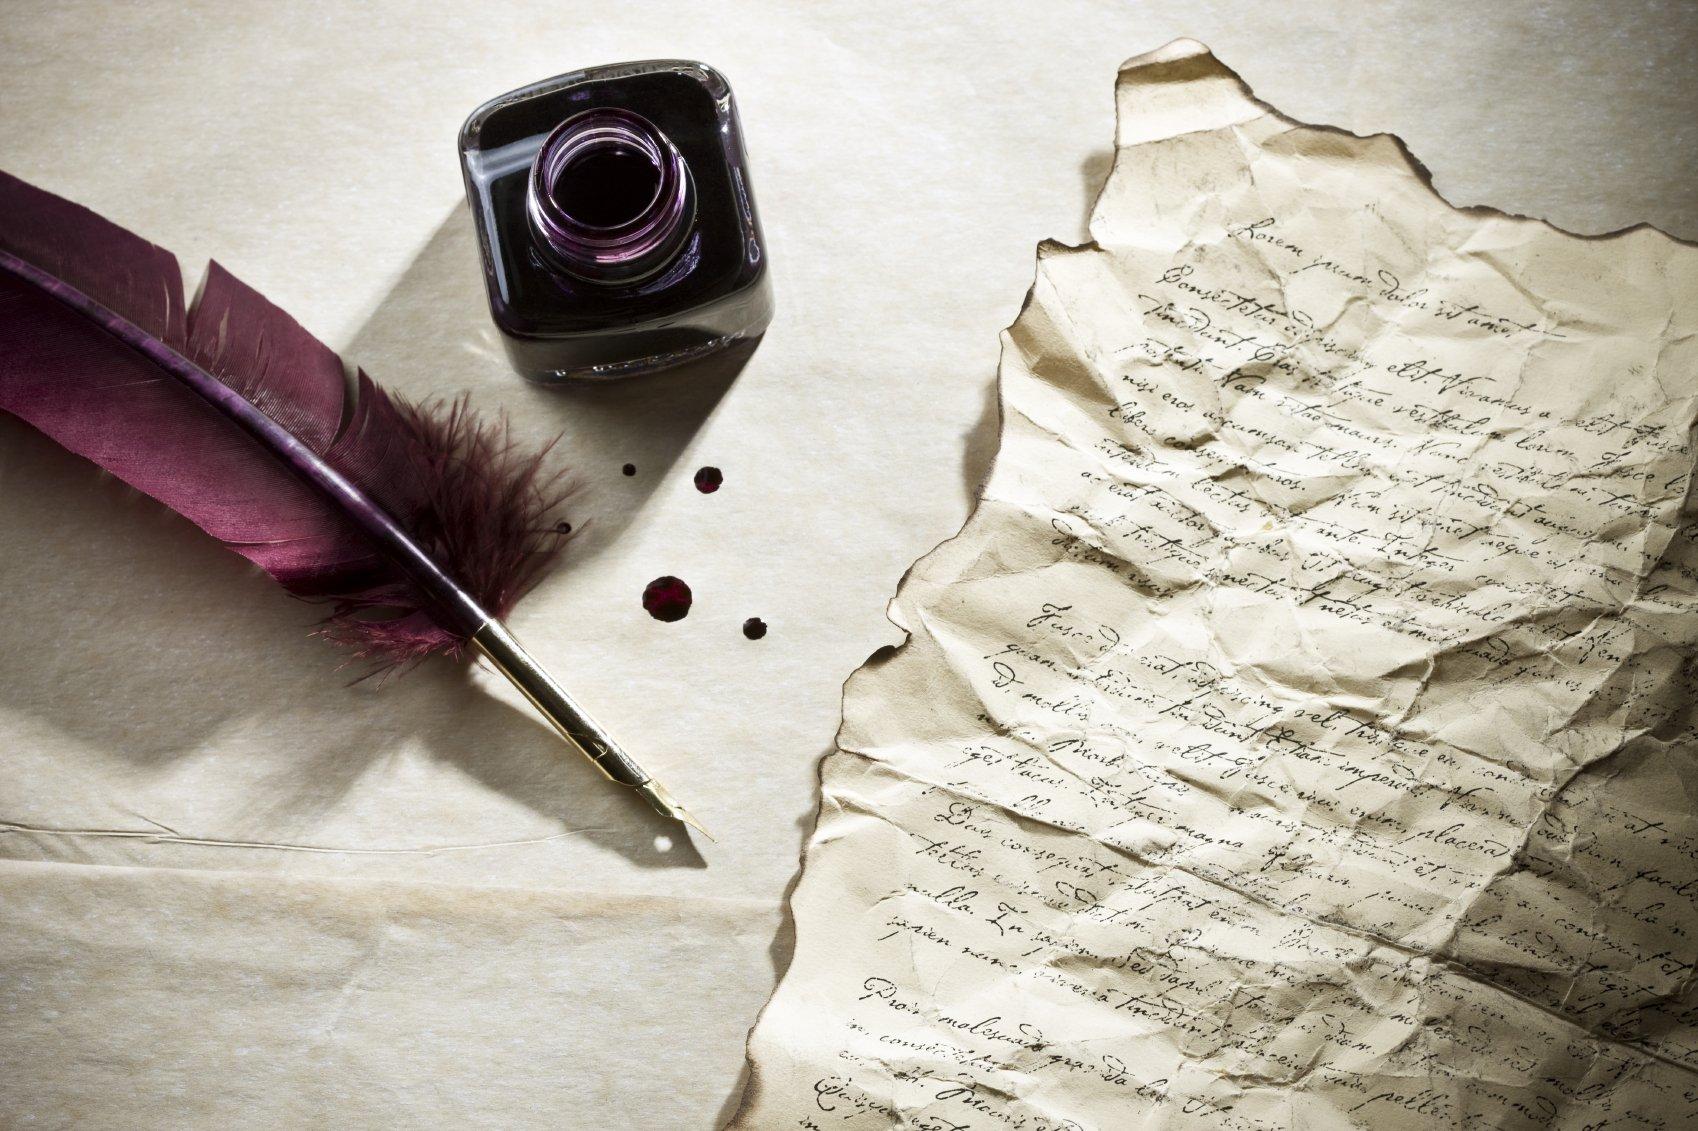 Удаление чернильных надписей на бумаге